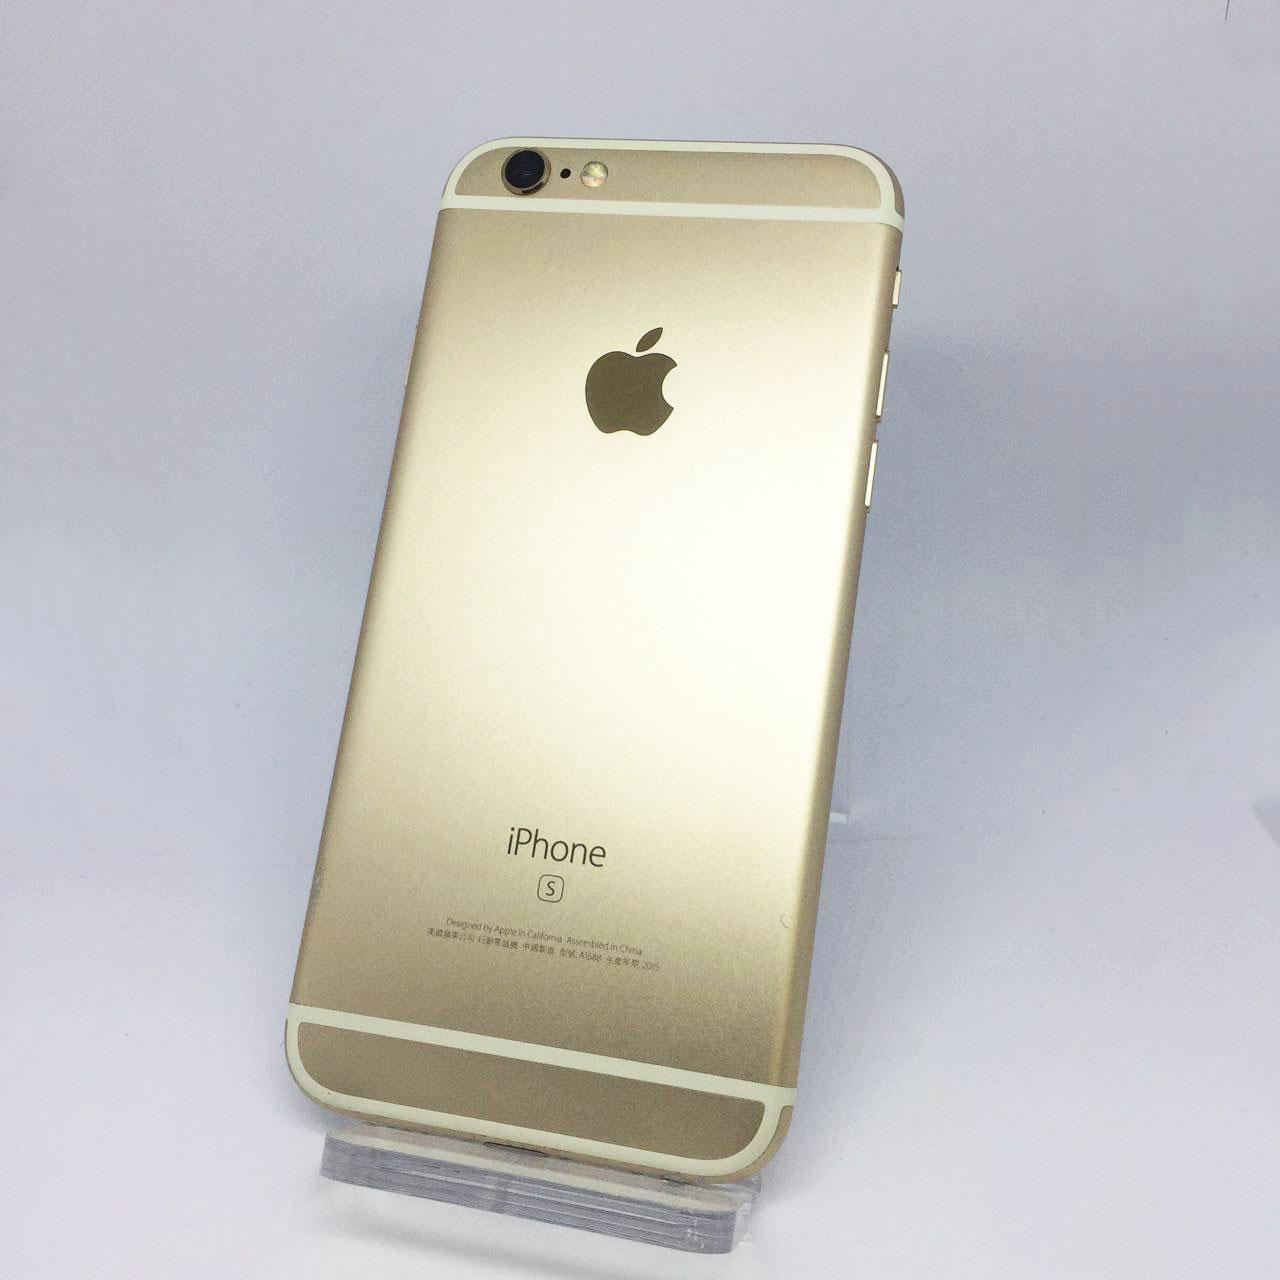 【創宇通訊】iPhone 6S(A1688) 64G顏色請電問【中古機】